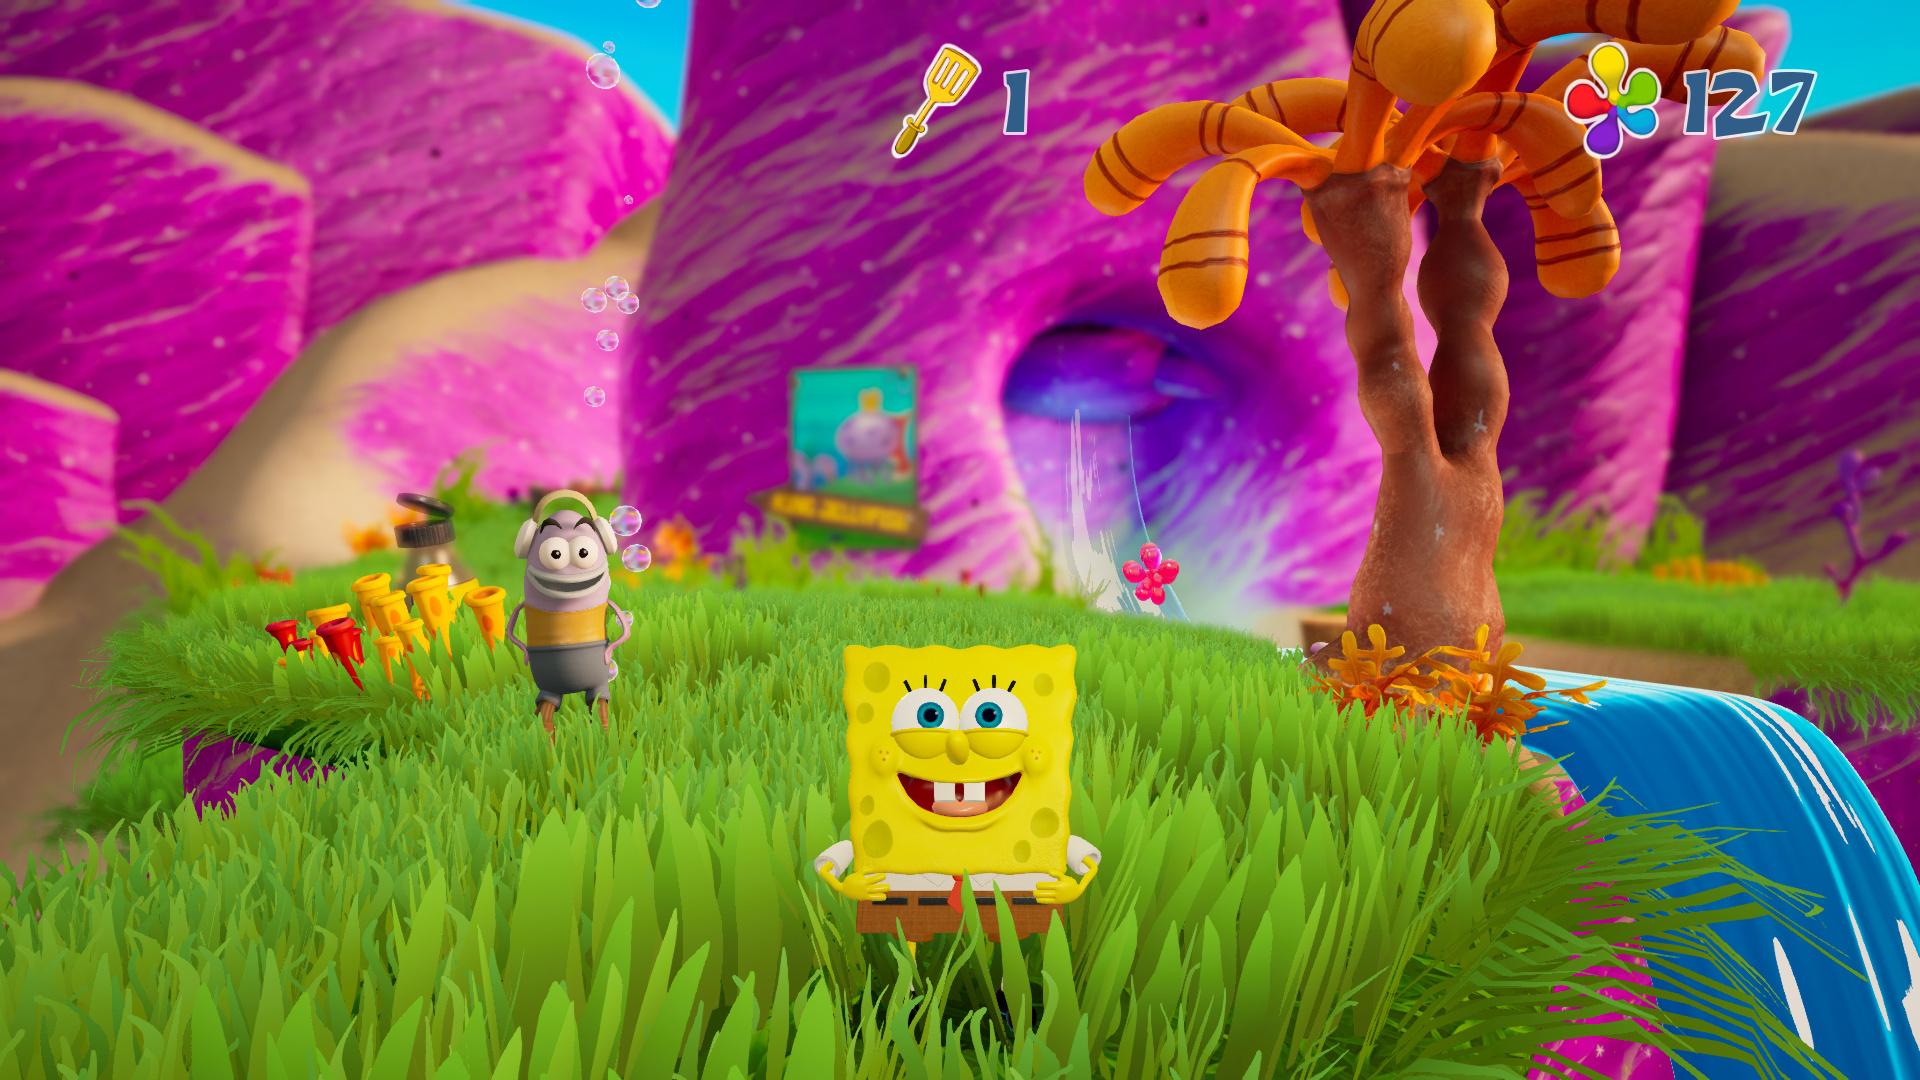 Συγκριτικό της παλαιάς και νέας έκδοσης του SpongeBob SquarePants: Battle for Bikini Bottom!